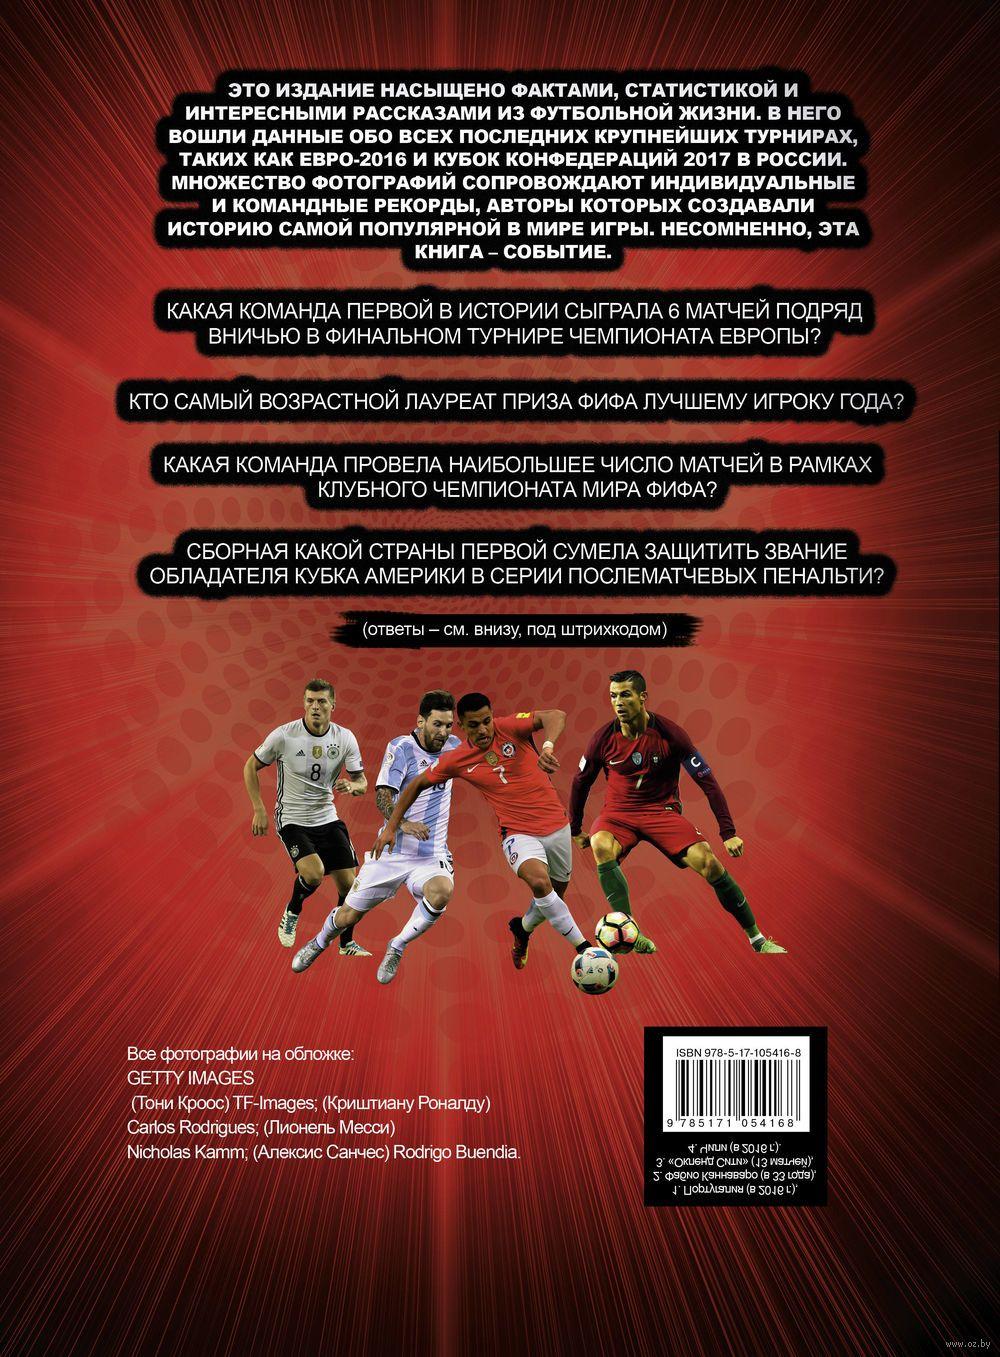 c88f67be07c6 «Мировой футбол» Кир Рэднедж - купить книгу «Мировой футбол ...